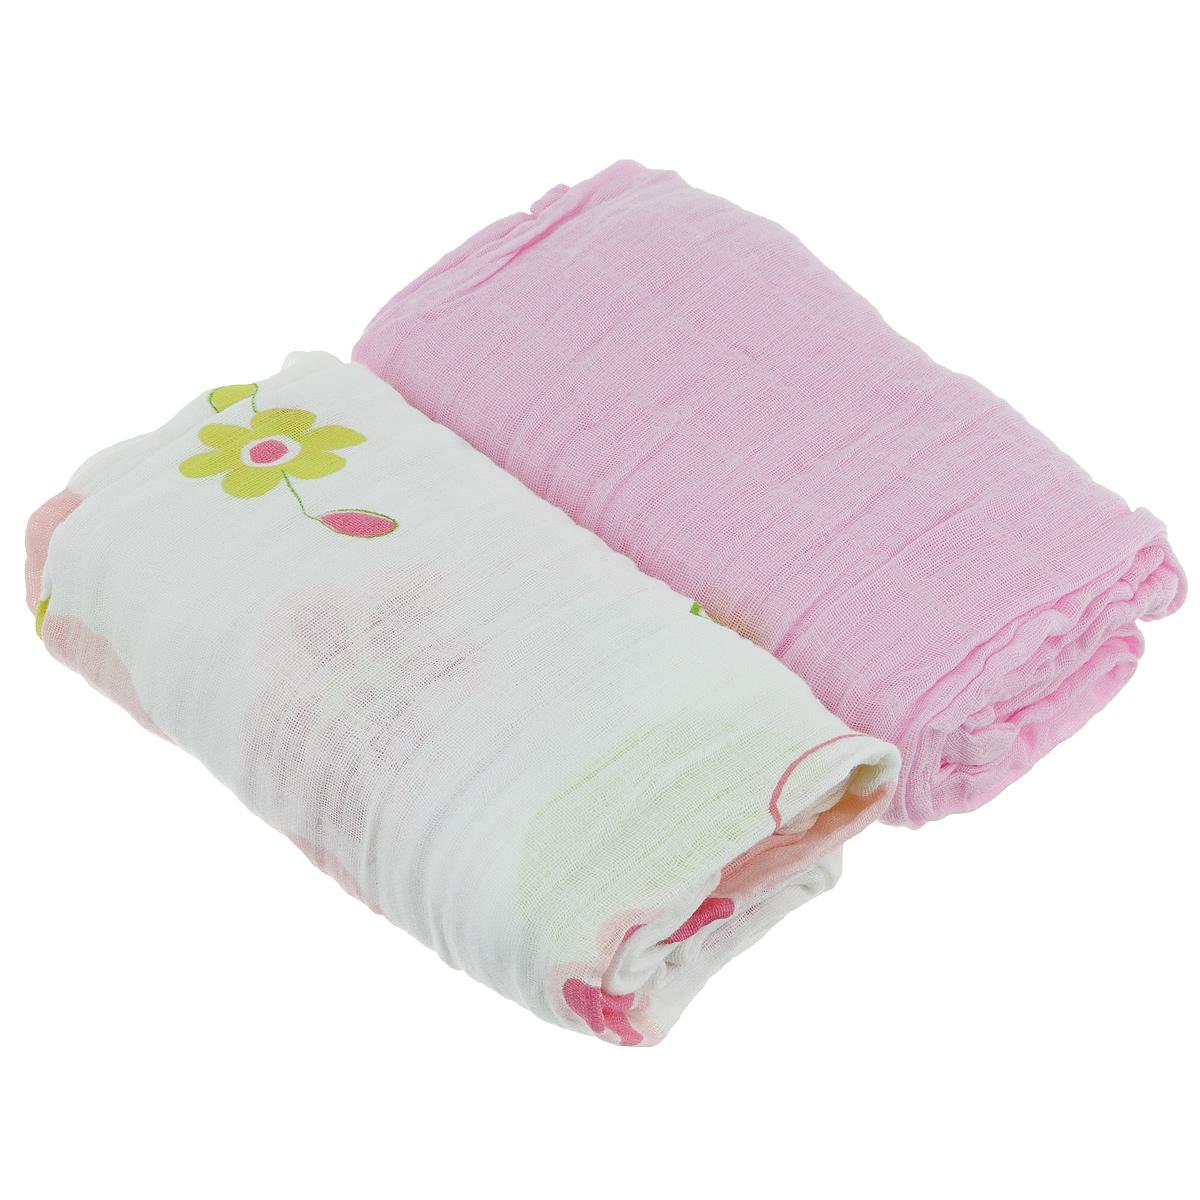 """Пеленки """"Baby Nice"""" муслиновые, цвет: розовый, 115 см х 115 см, 2 шт L115"""